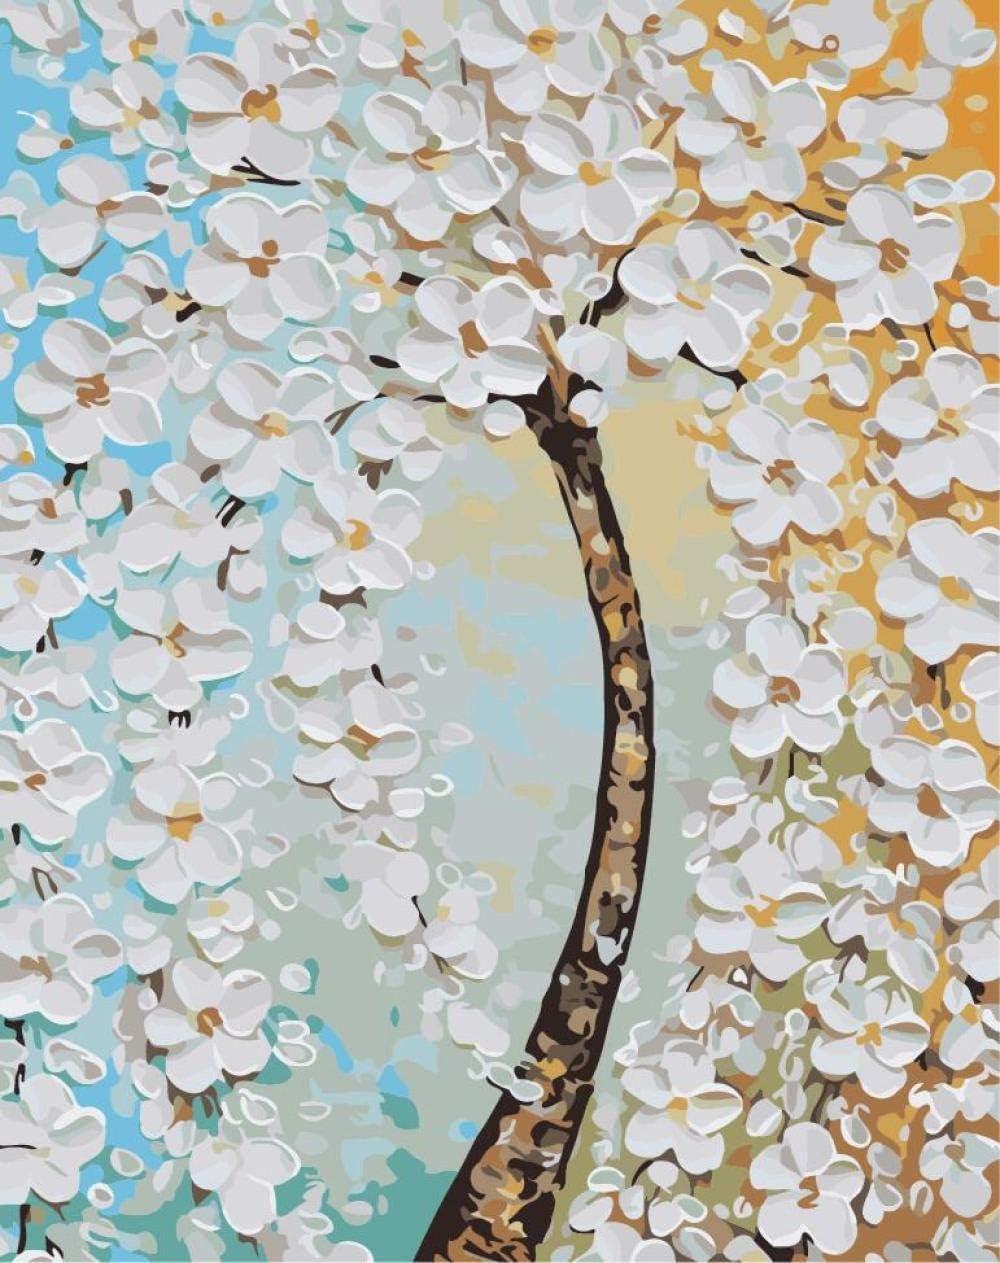 KLBPL Pintar por Numeros Árbol De Flores Blancas Lino Lona–DIY Pintura Al Óleo Decoracion De Pared Regalos Sin Marco 40,6X50,8 Cm con Pinturas Acrílicas Y 3 Pinceles